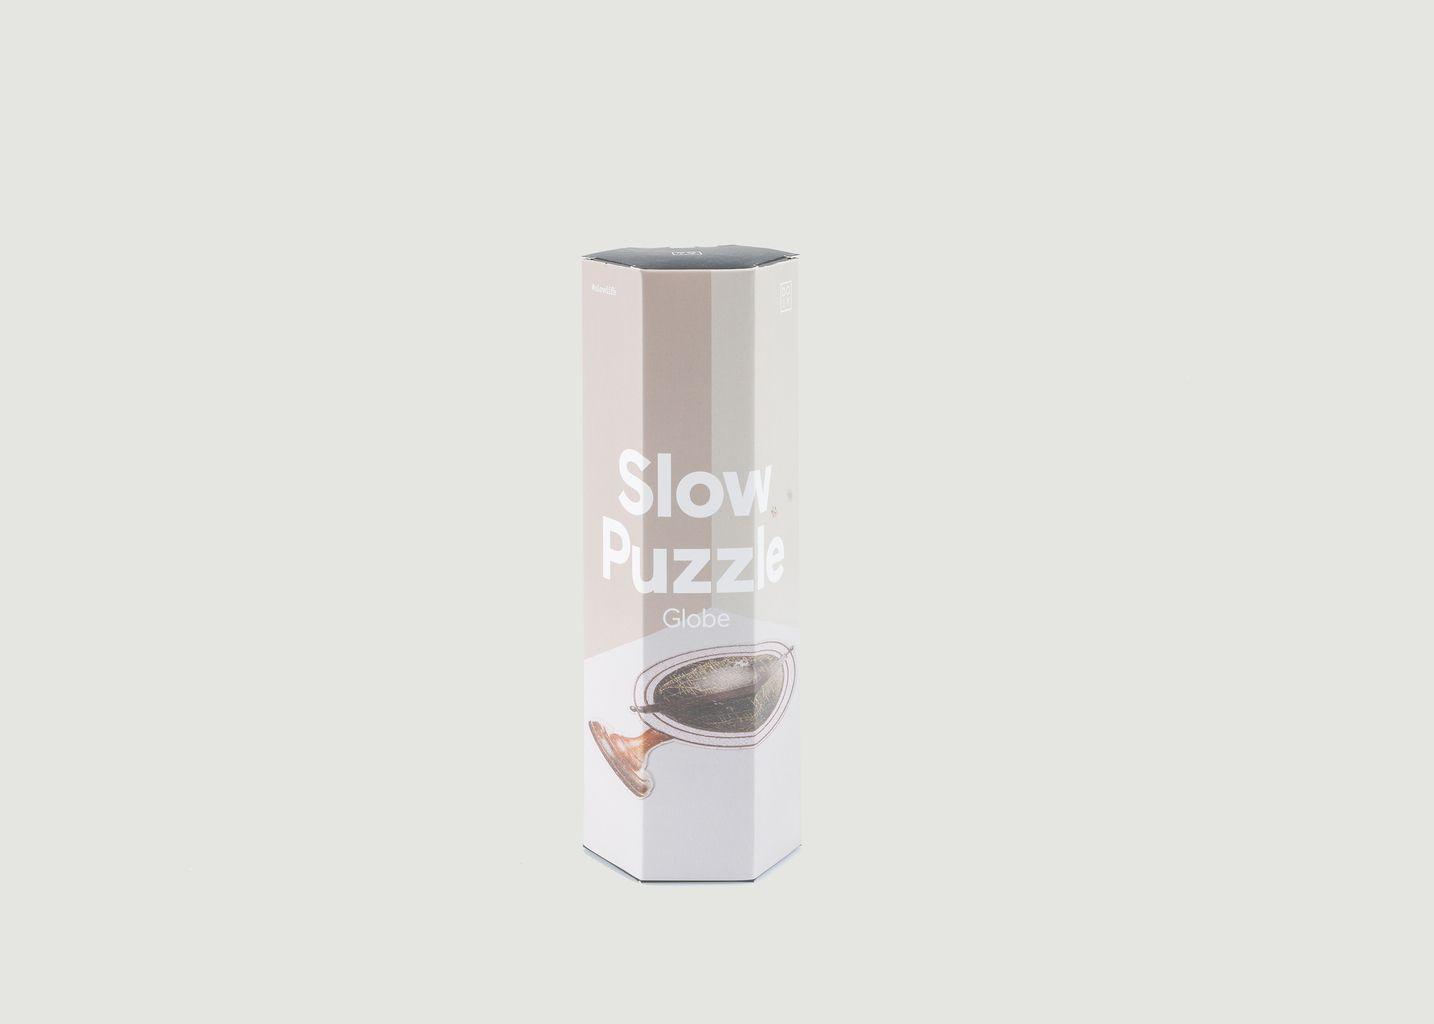 Slow Puzzle Globe - Doiy